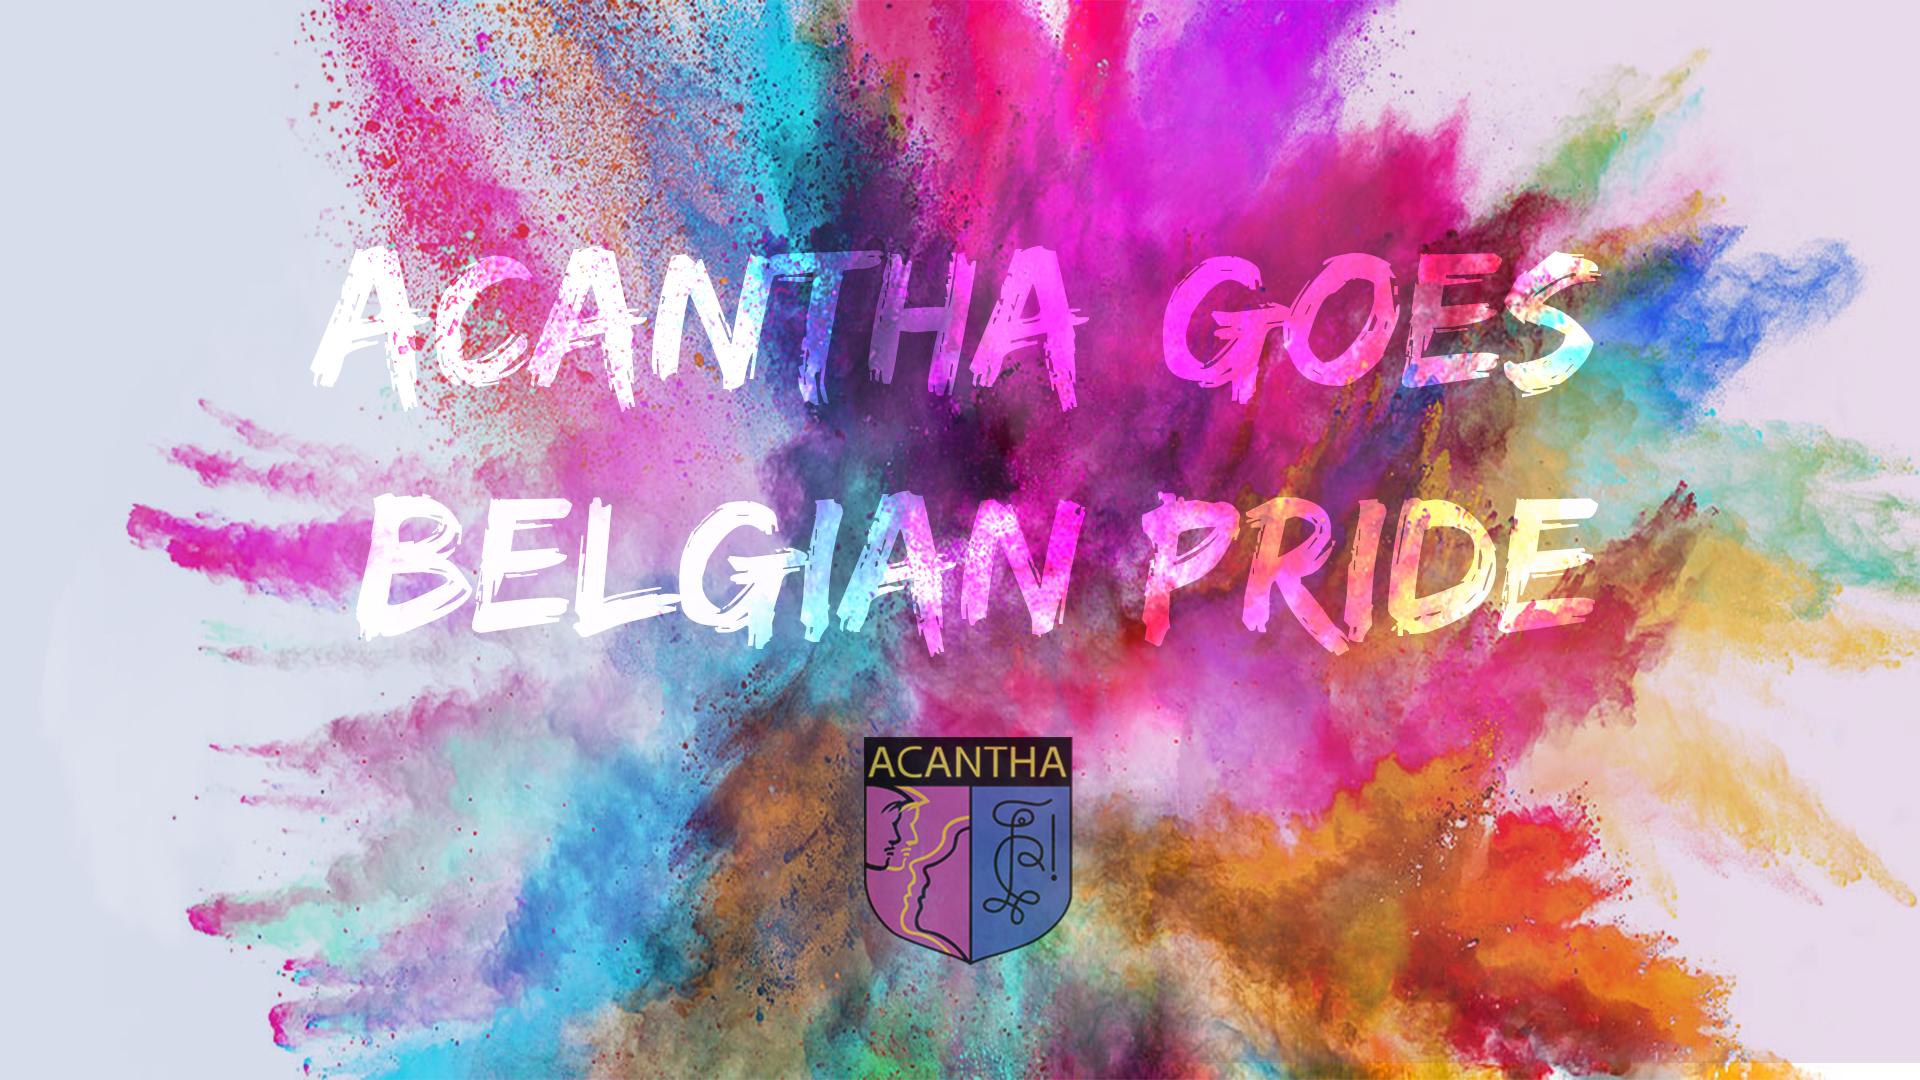 Acantha goes Belgian Pride